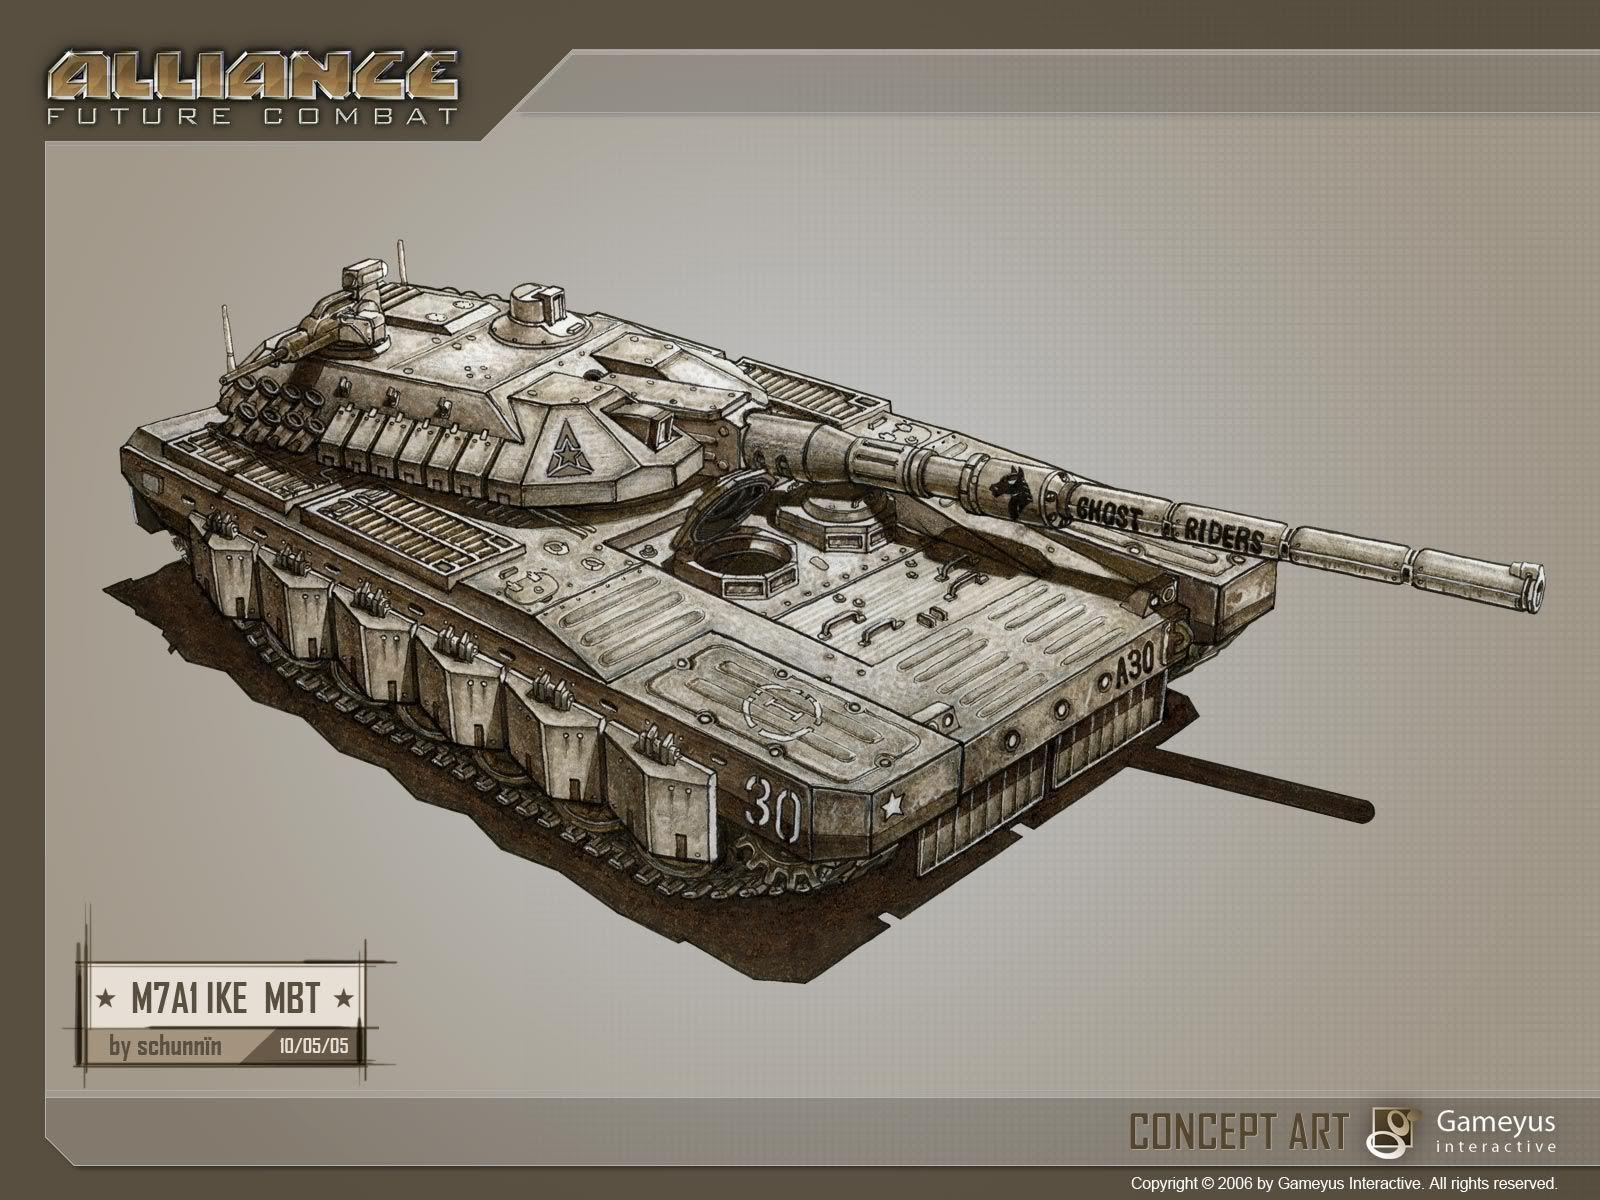 Futuristic Concepts Futuristic Tank Concept Bookmark Story